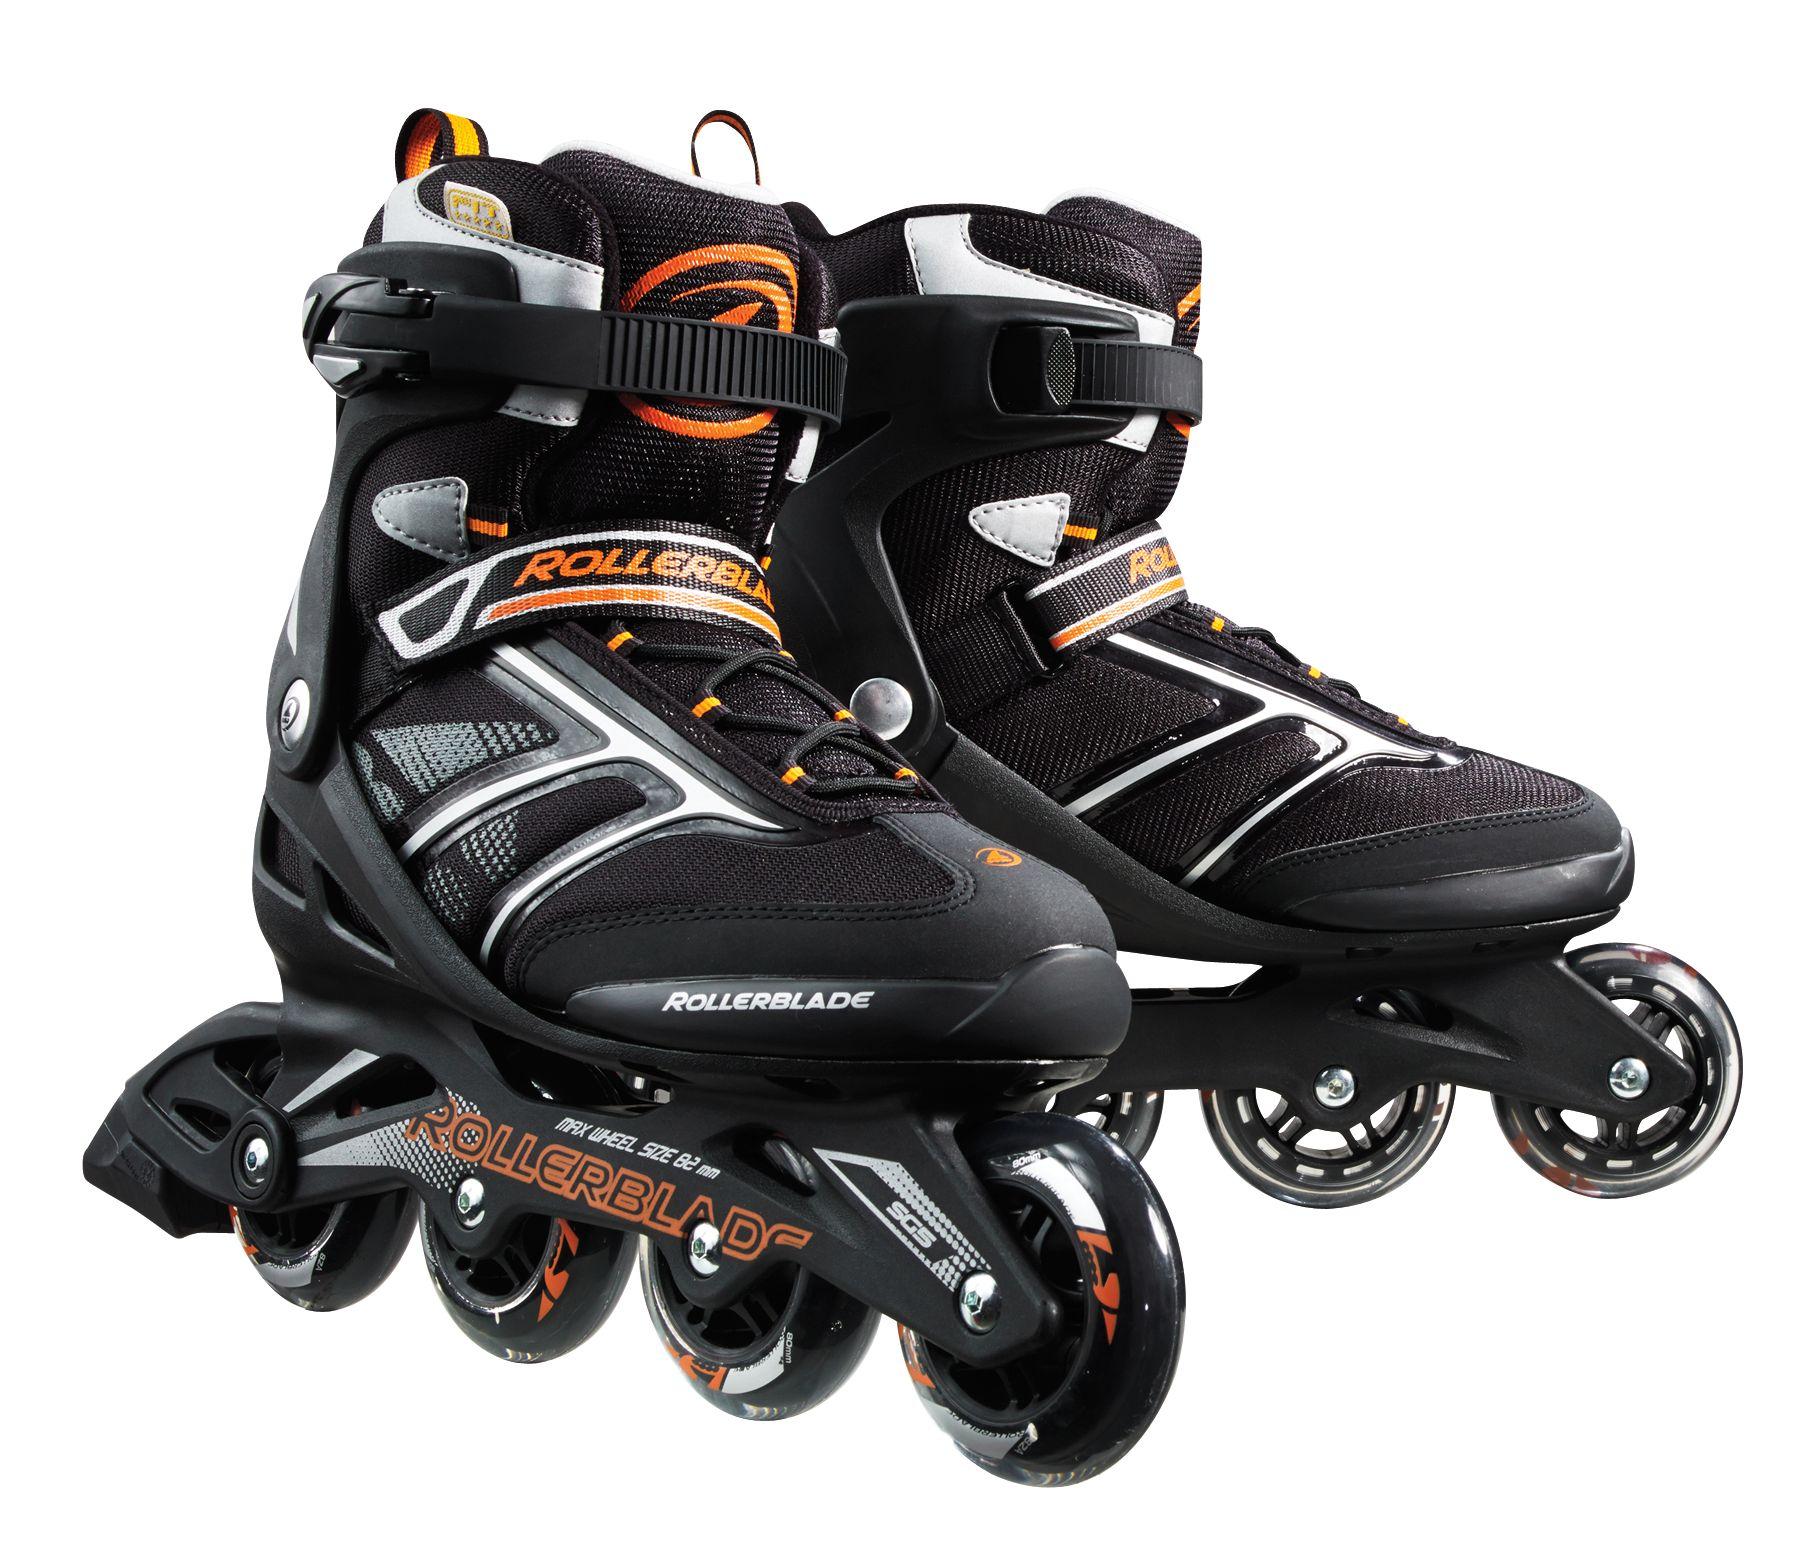 Roller skates for plus size - Product Image Rollerblade Men S Zetrablade Inline Skates